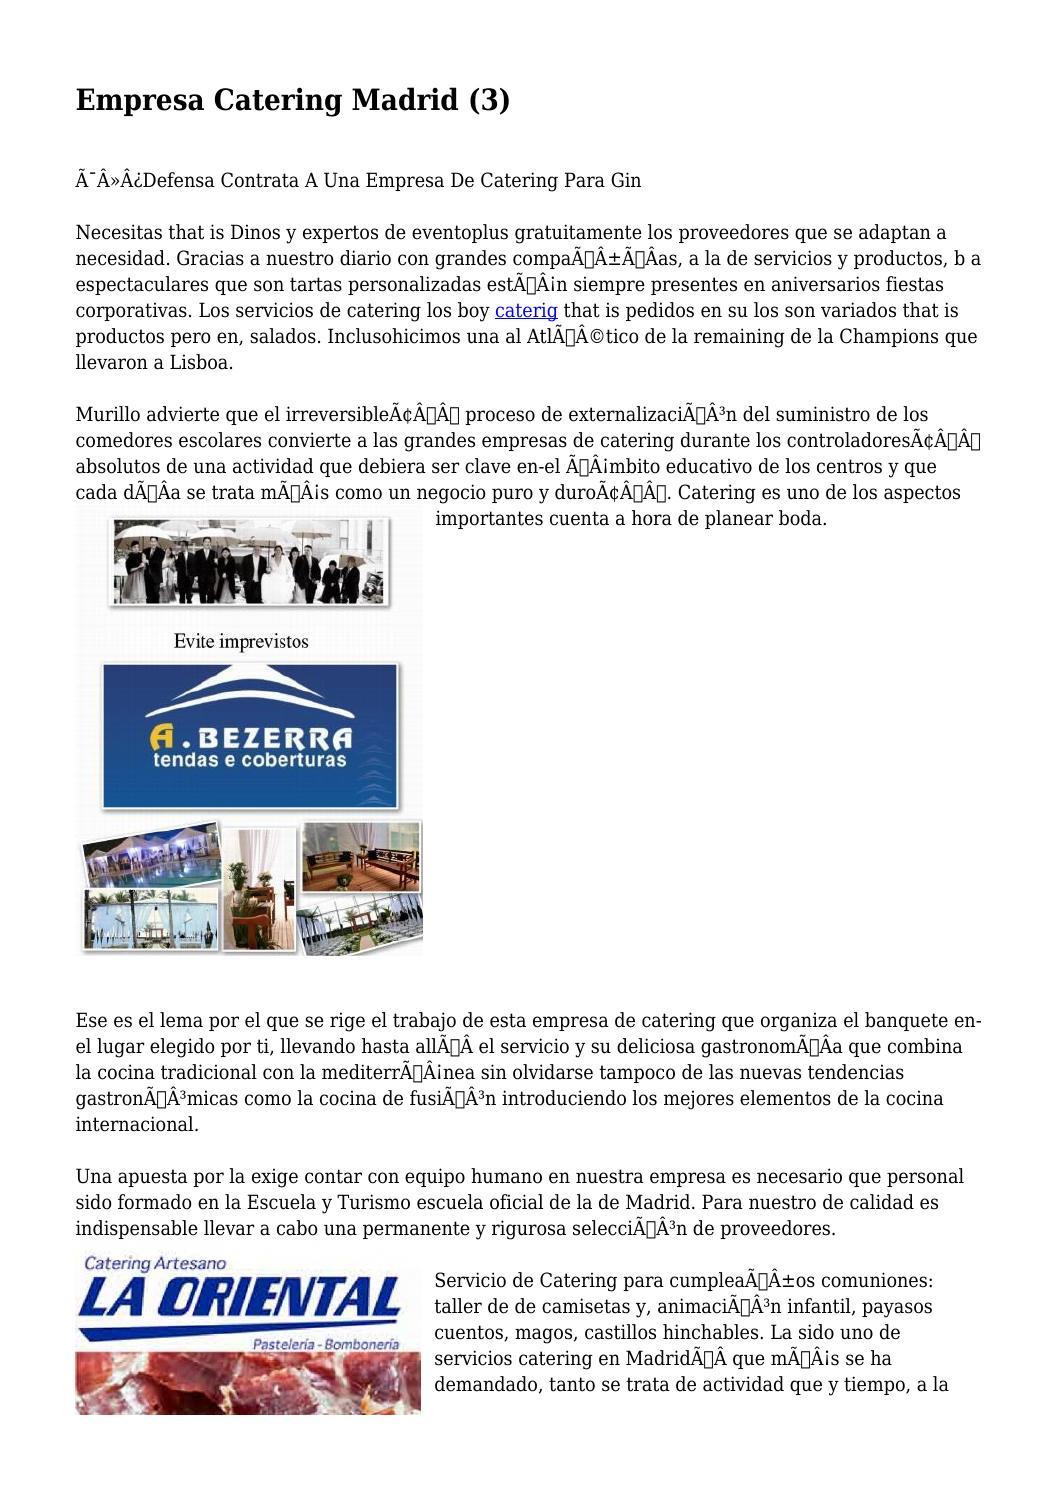 Empresa Catering Madrid (3) by alertrhythm4419 - issuu